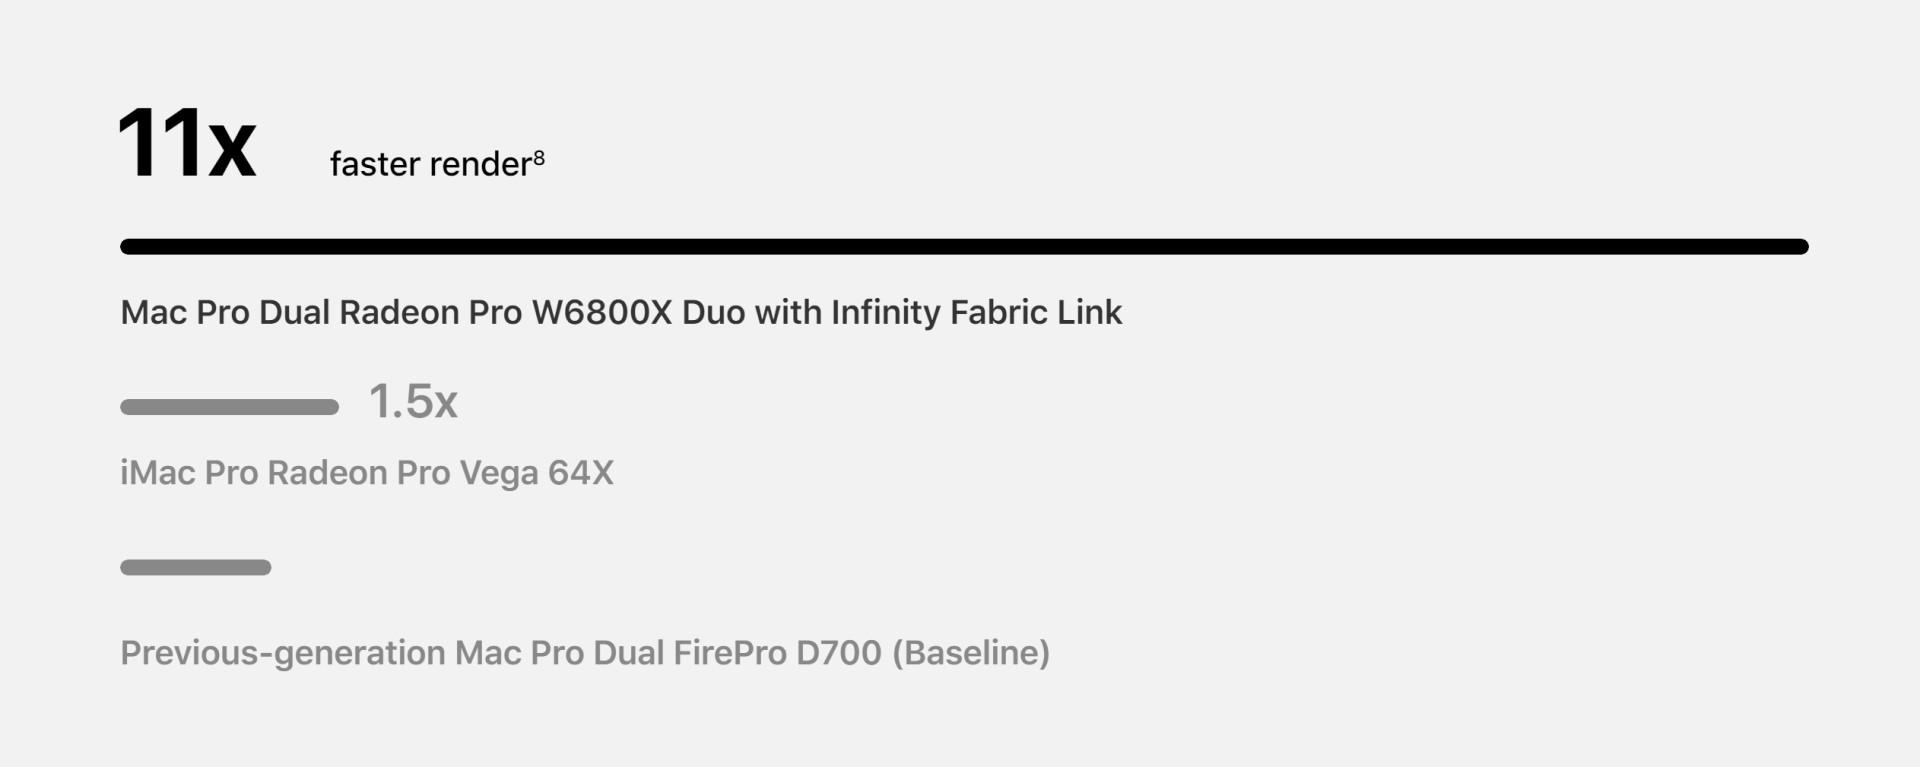 Radeon Pro W6800X Duo benchmarks Octane X